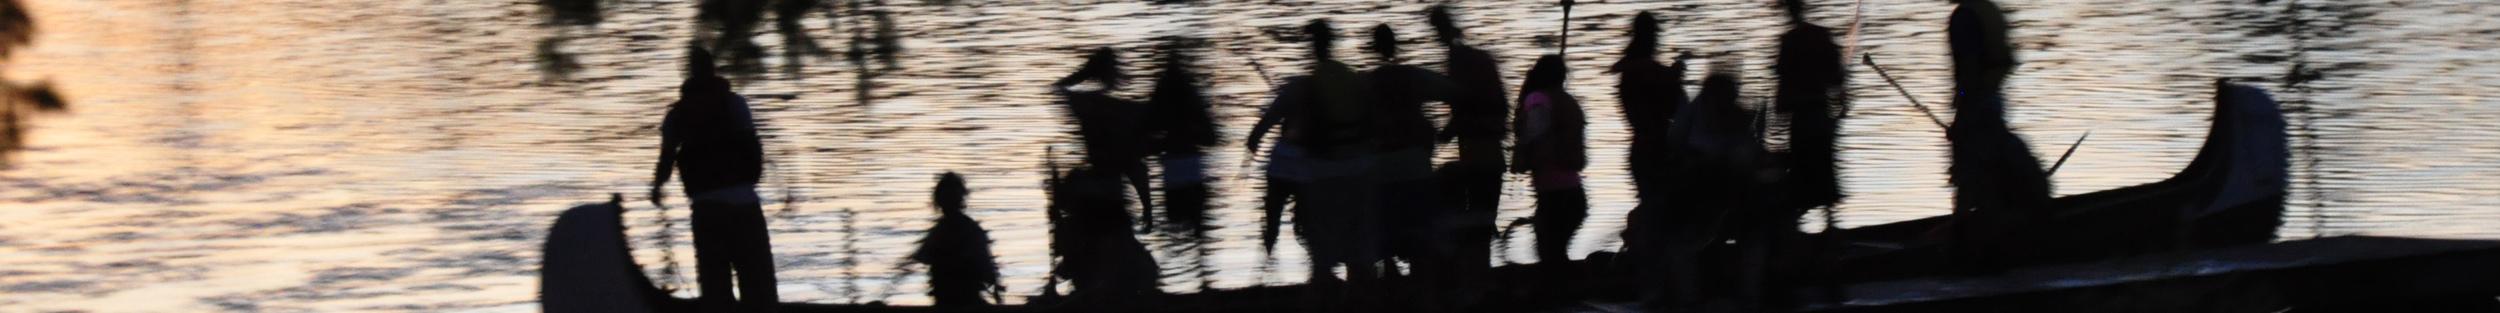 webpage - front banner - canoe.jpg